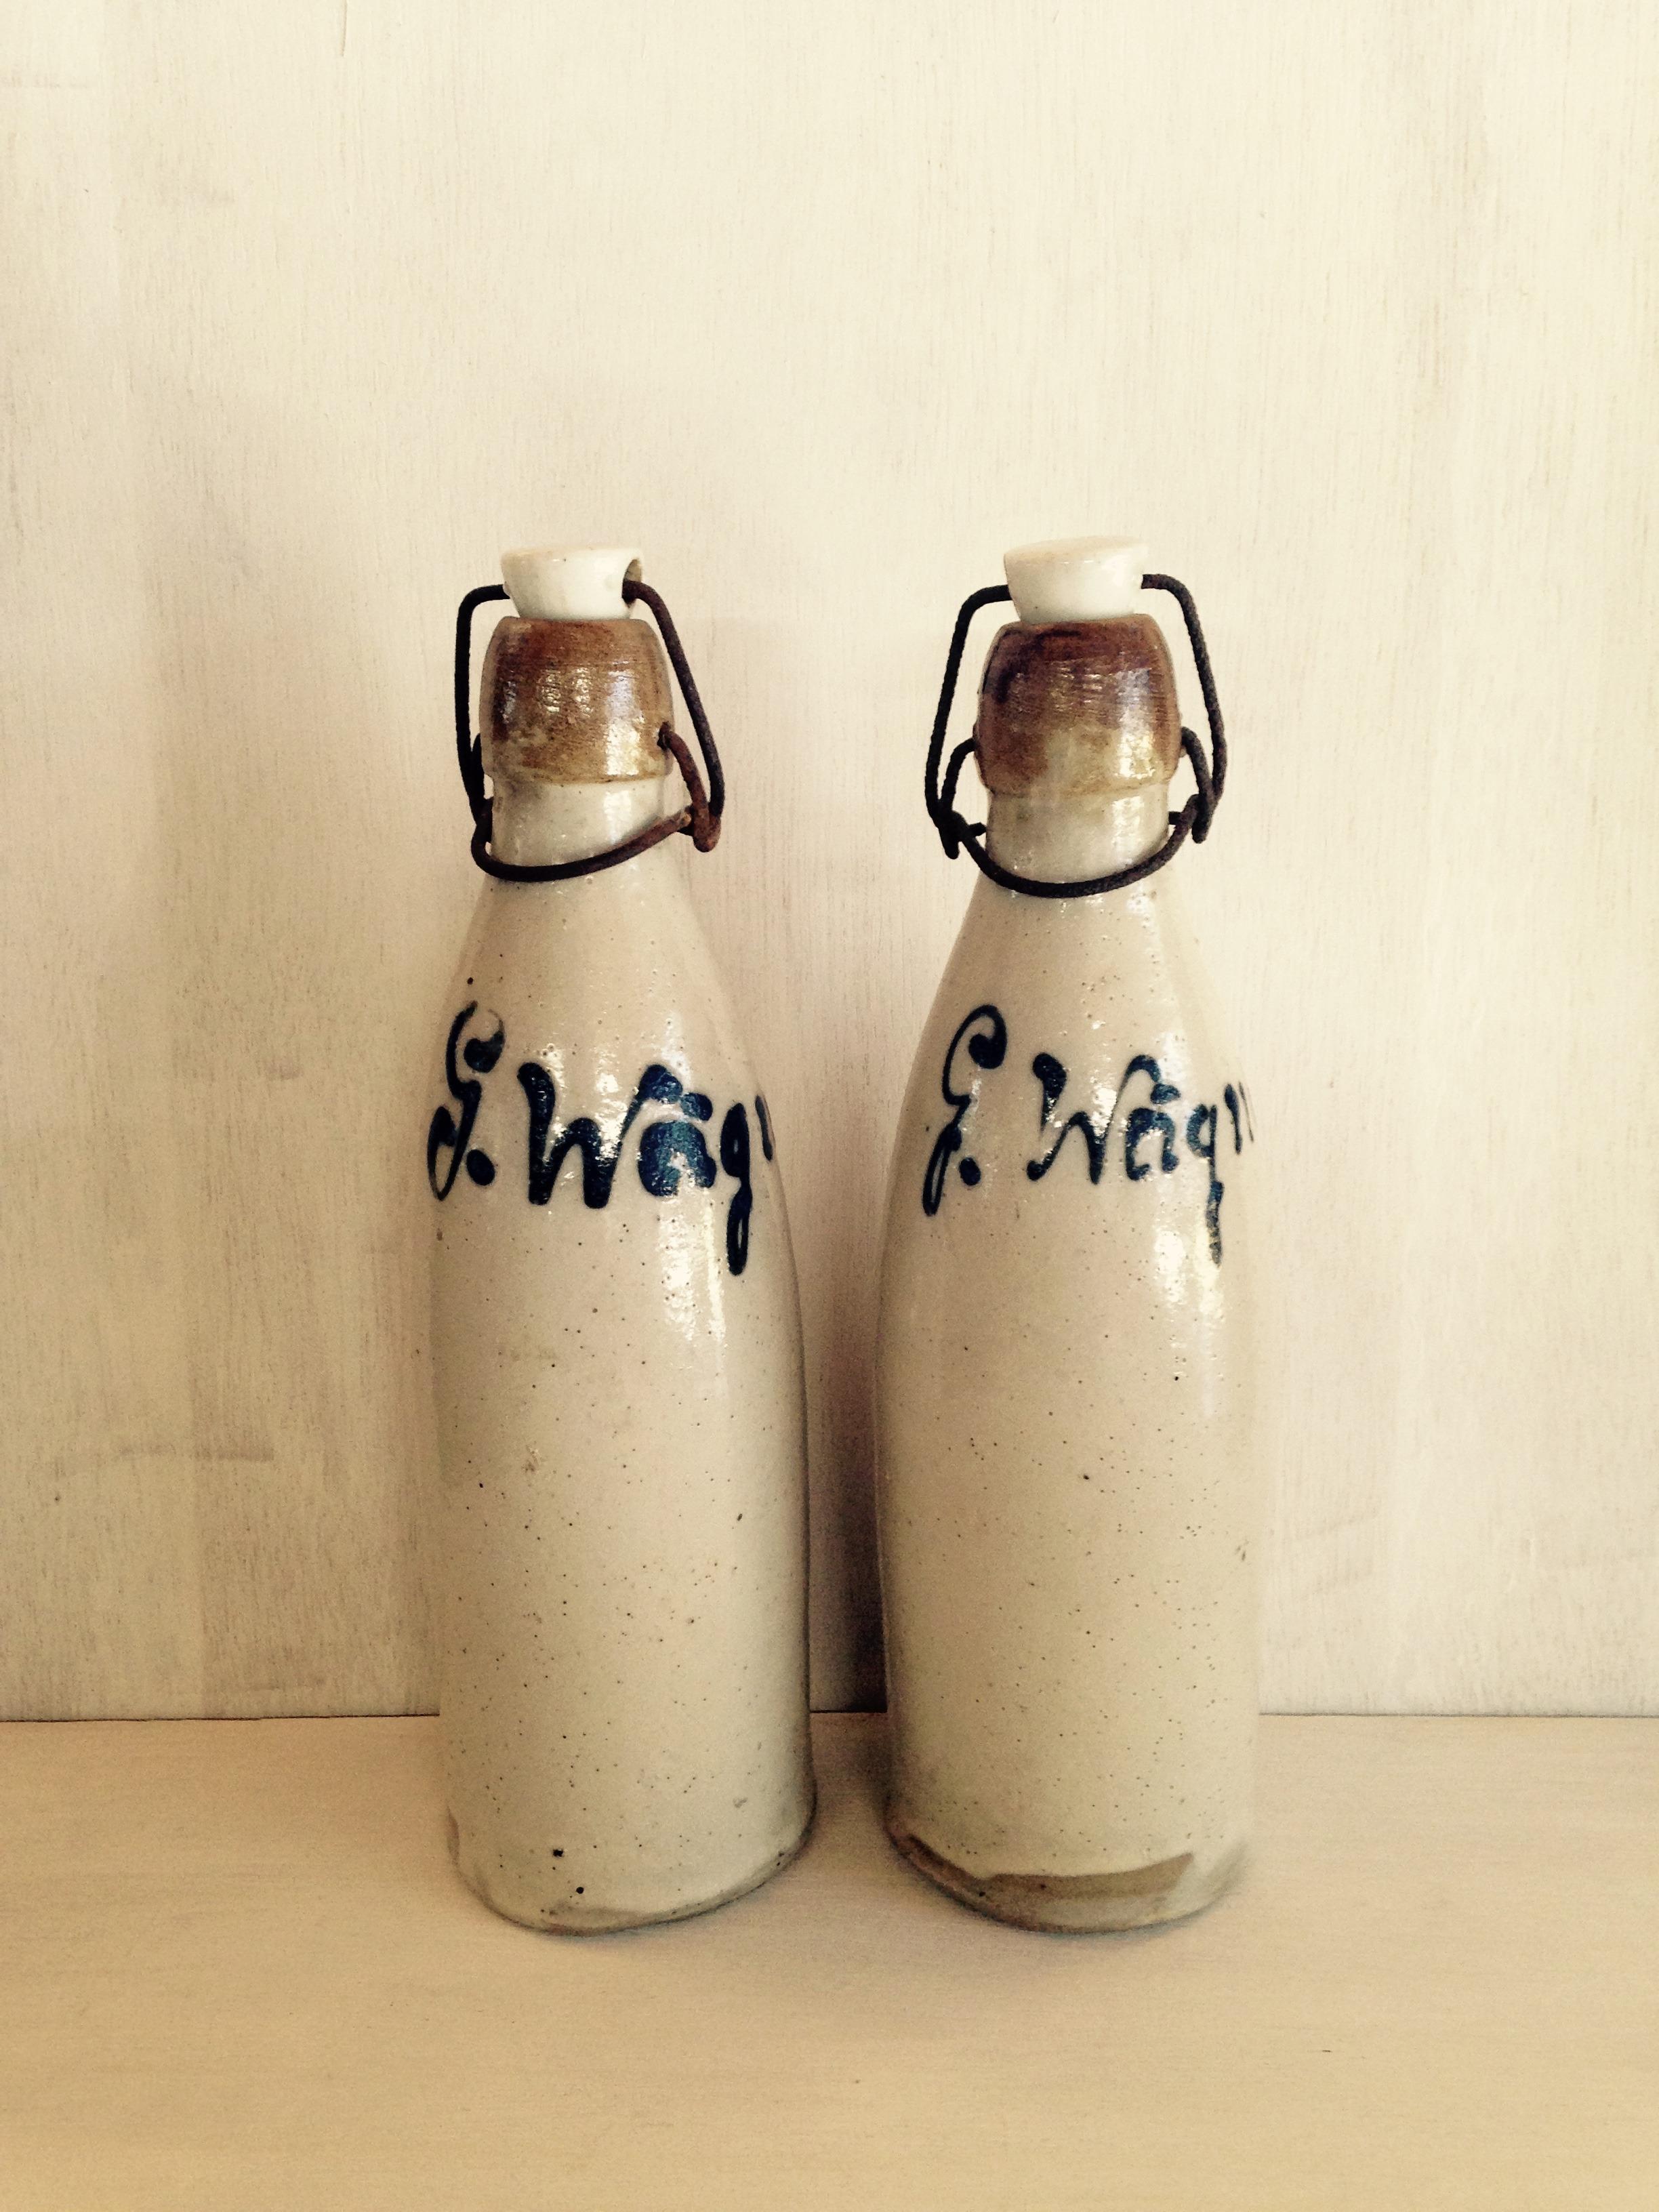 陶器製ボトル、栓付き フランス製